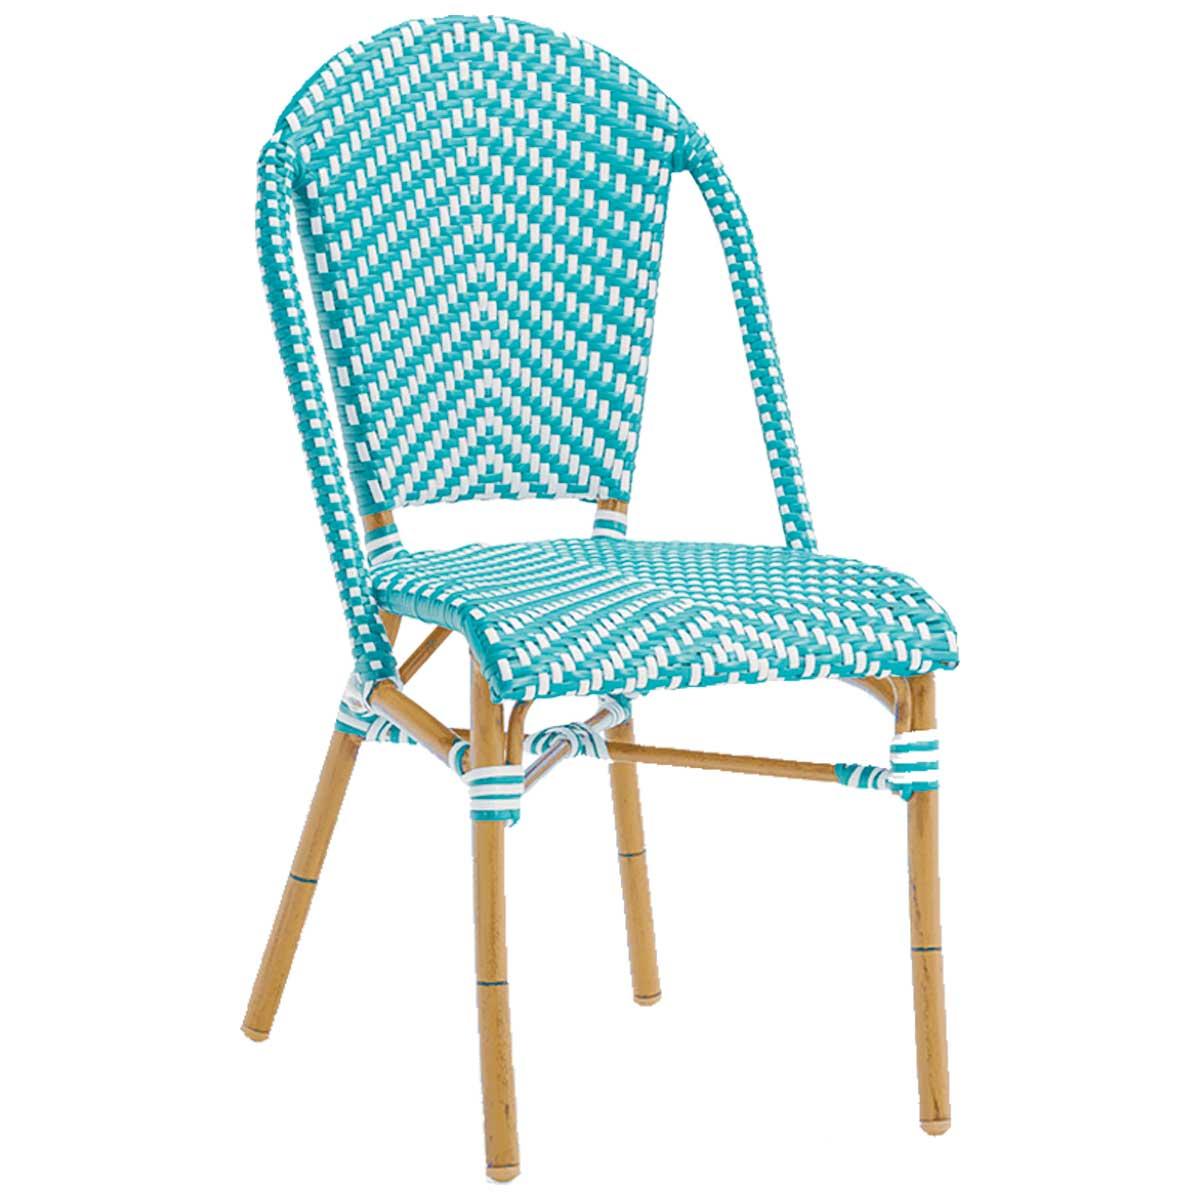 Montmartre c blue 01 - https://www.werzalit.com/en/product/stuhl-montmartre/